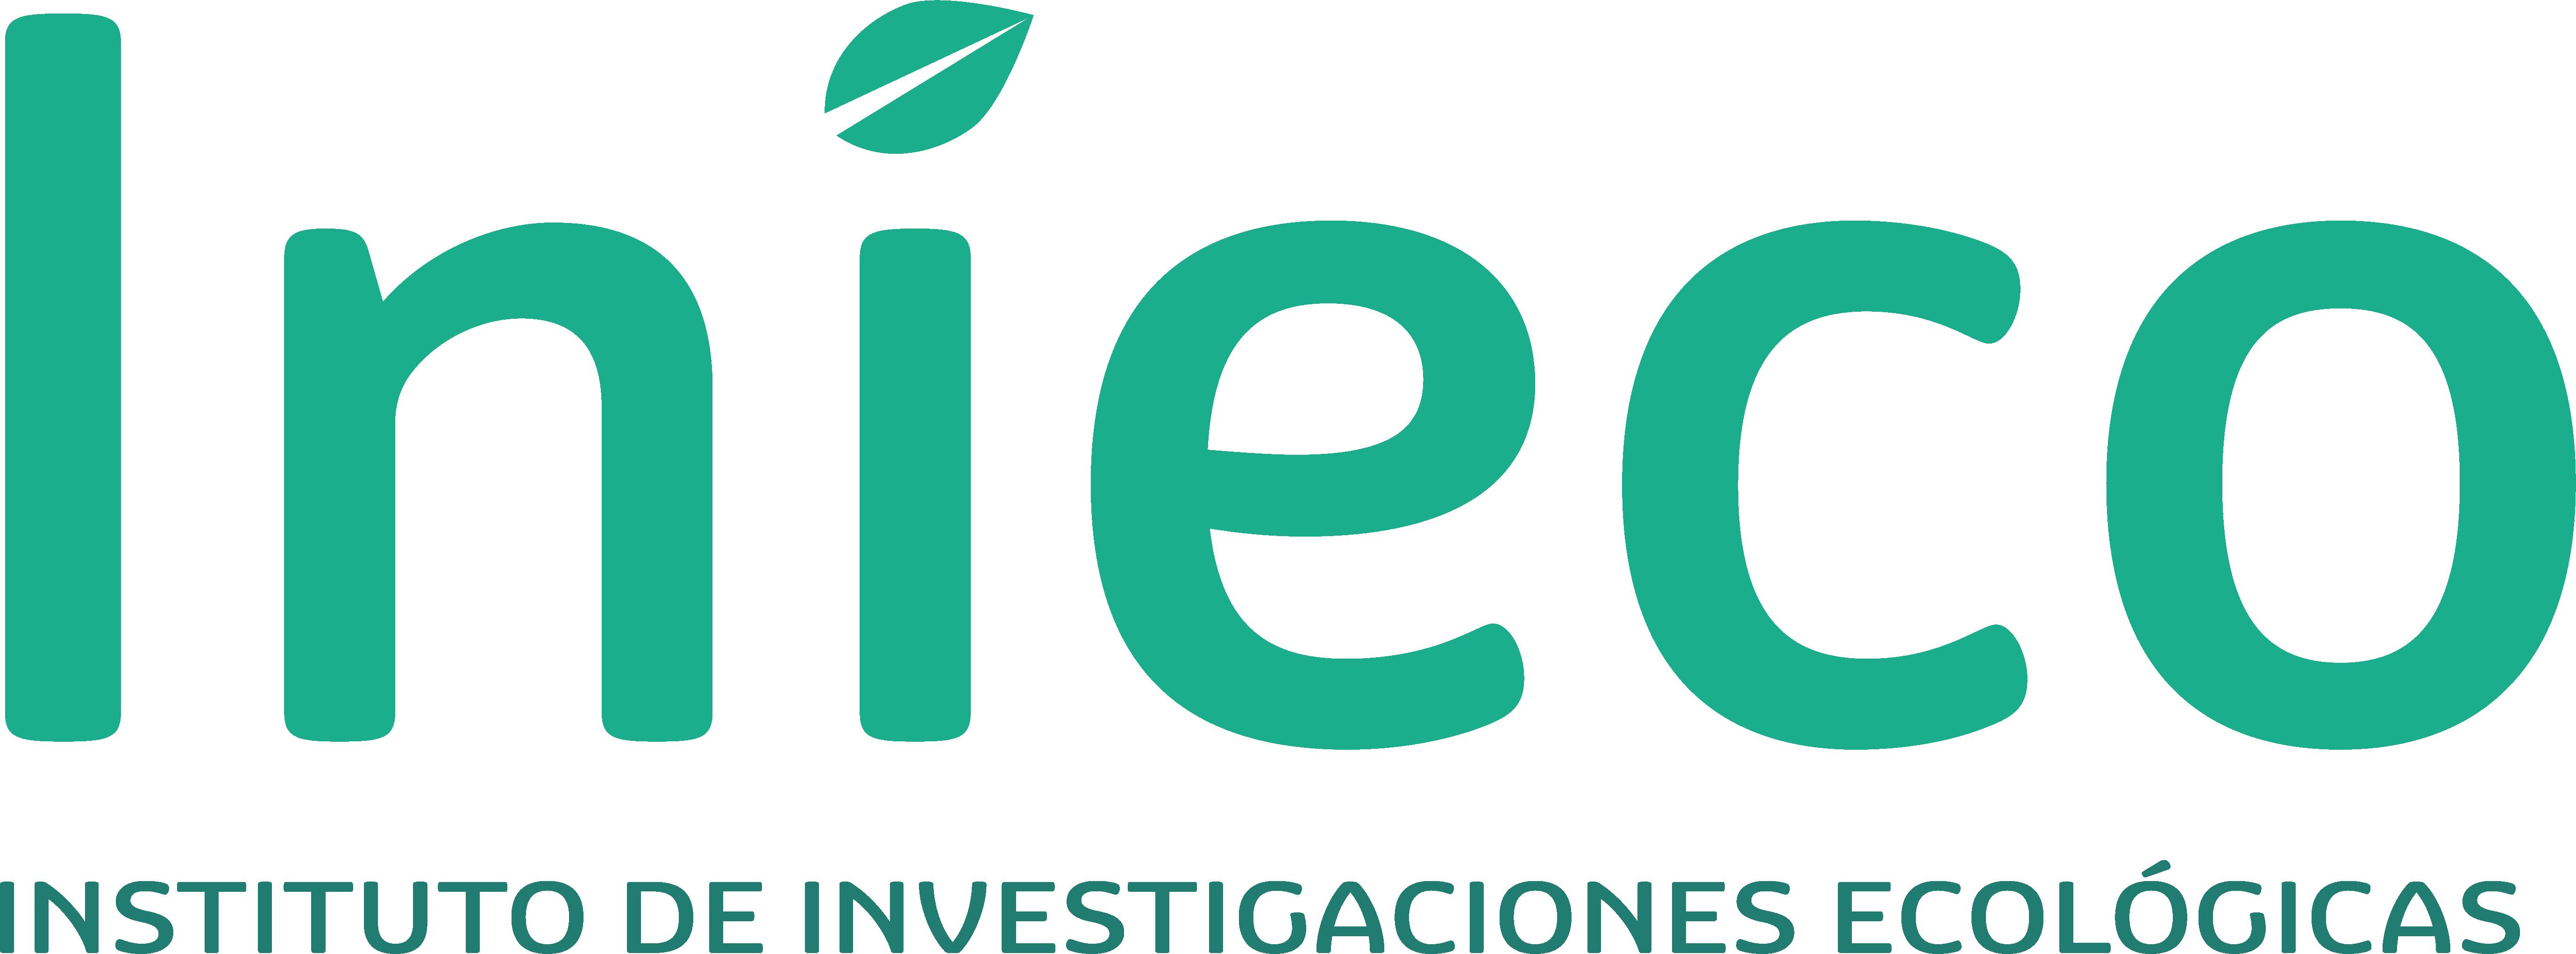 Inieco | Másteres y Cursos en Medio Ambiente